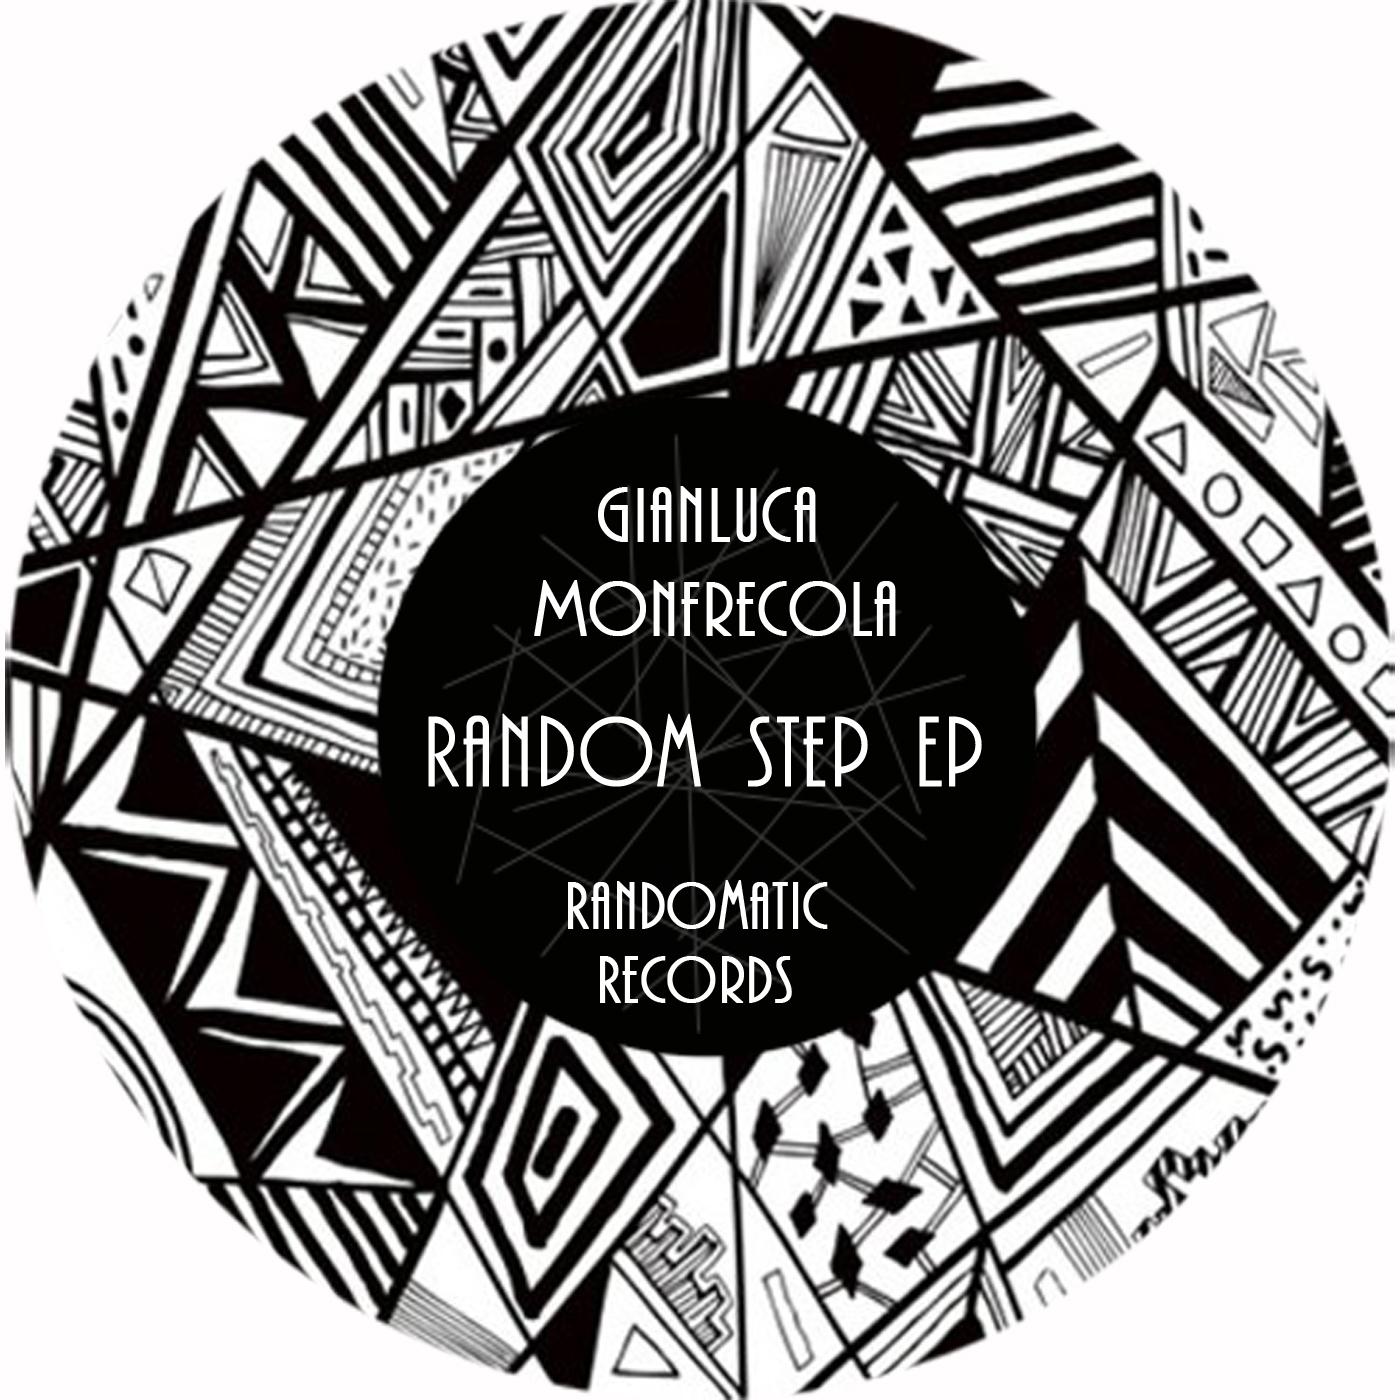 Gianluca Monfrecola - Grow Up (Original mix)